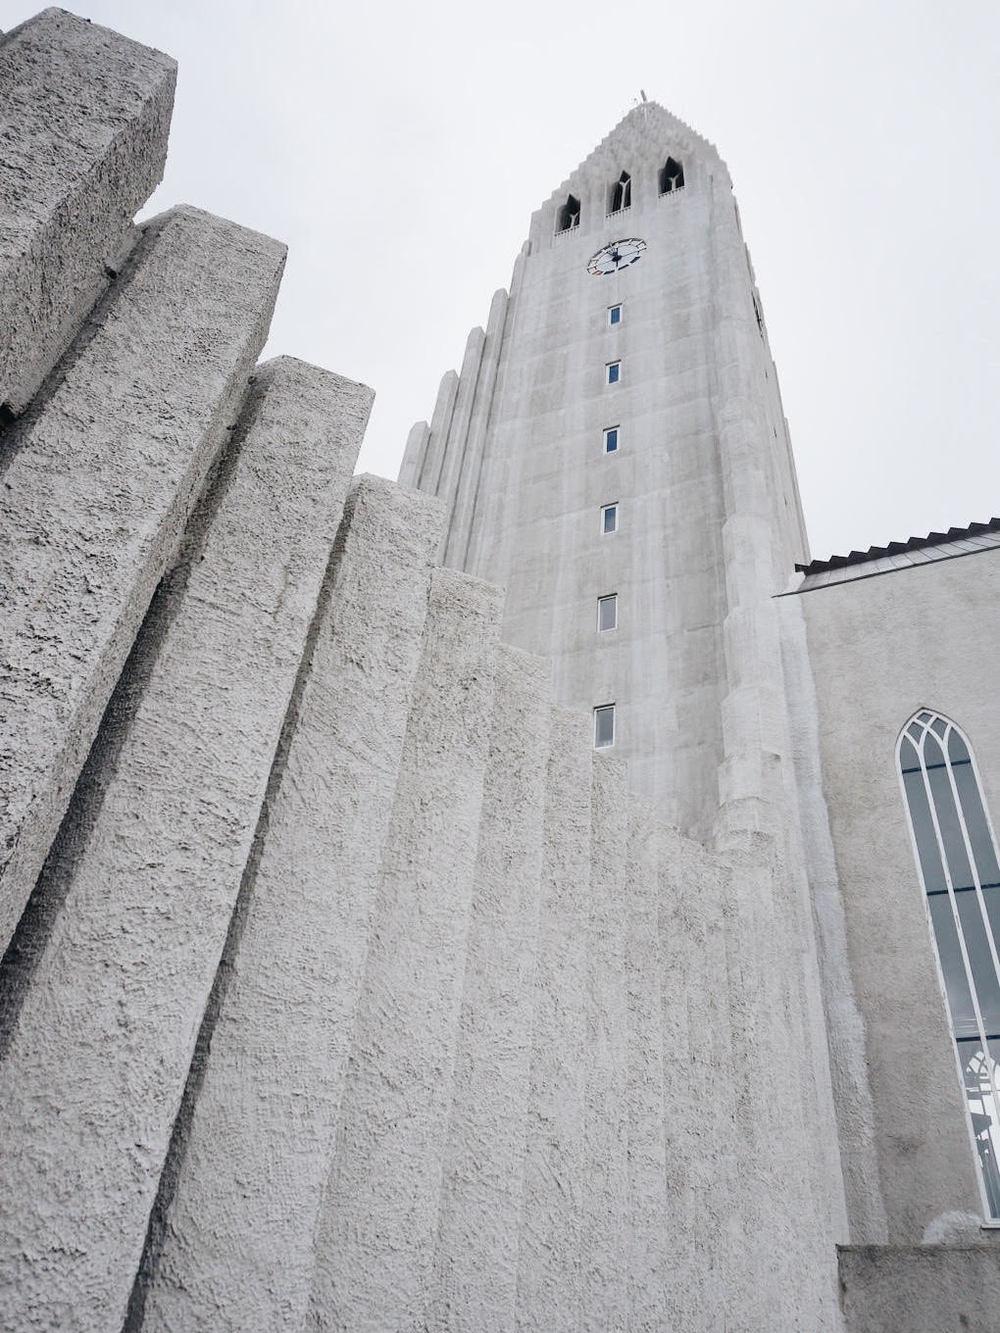 ae172-seesoomuch_reykjavik-15.jpg